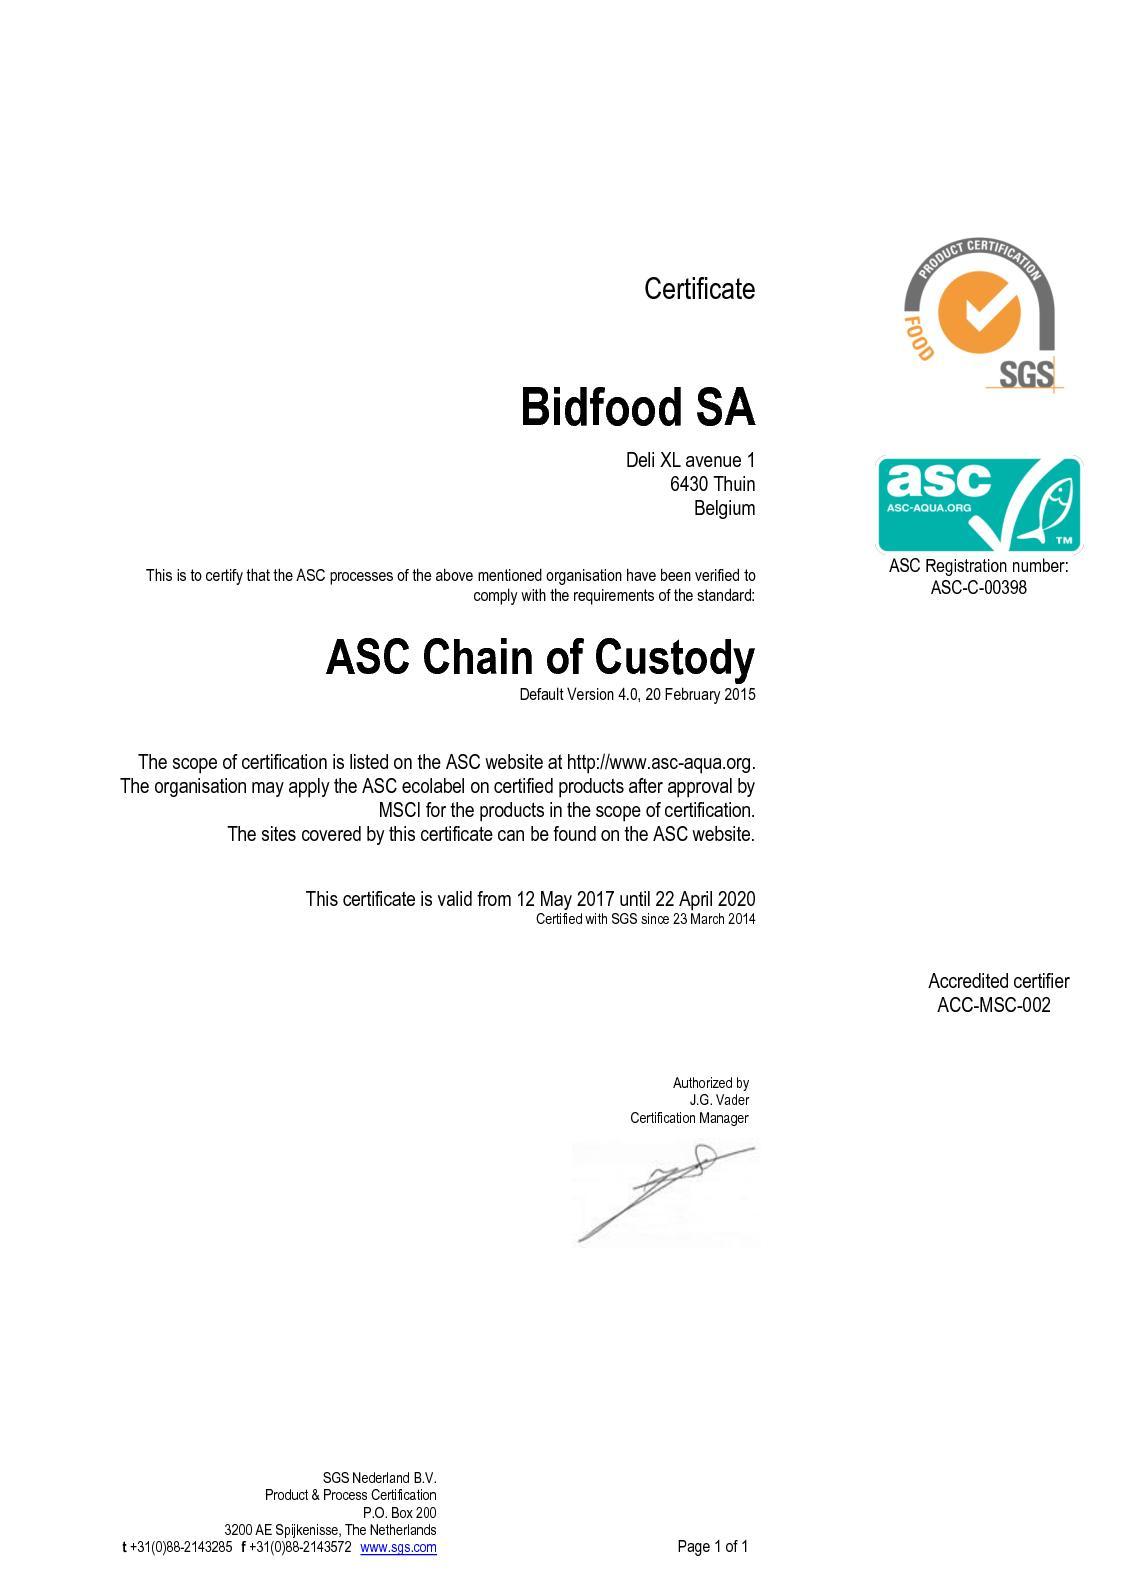 Calamo 20170516 Bidfood Sa Certificaat Asc V4 Ms Sites Excl Jack